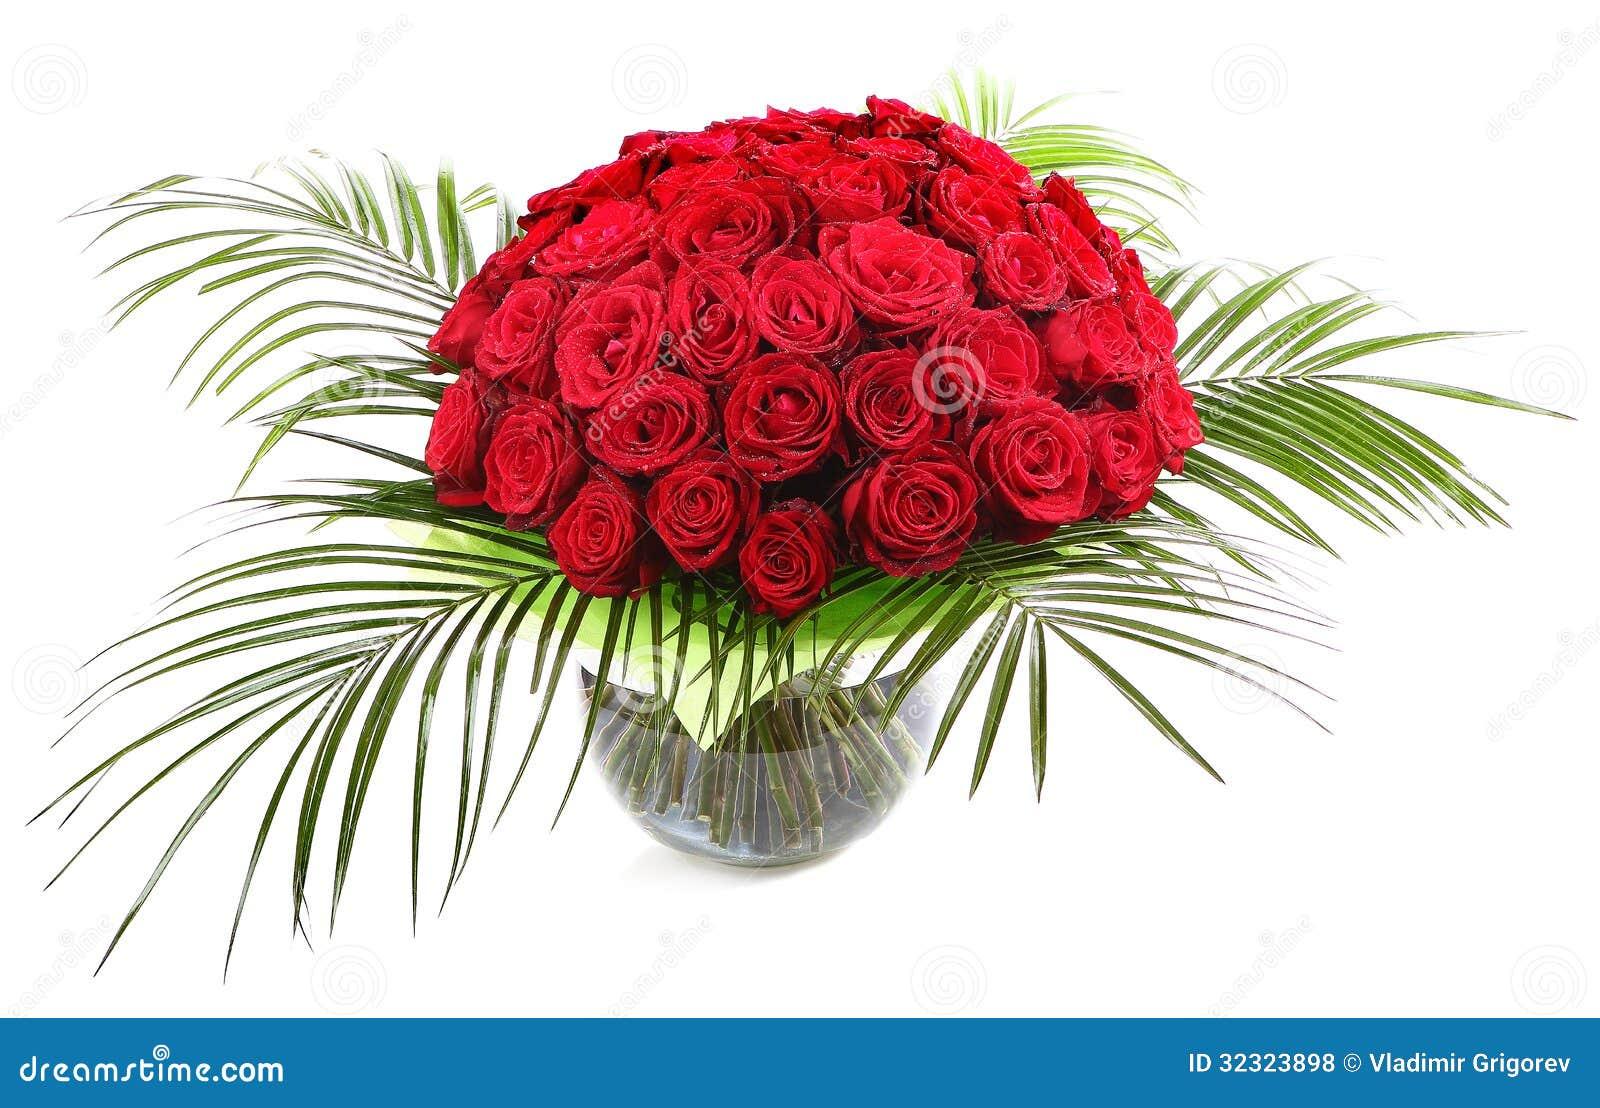 Un Ramo Grande De Rosas Rojas En Un Florero De Cristal Transparente